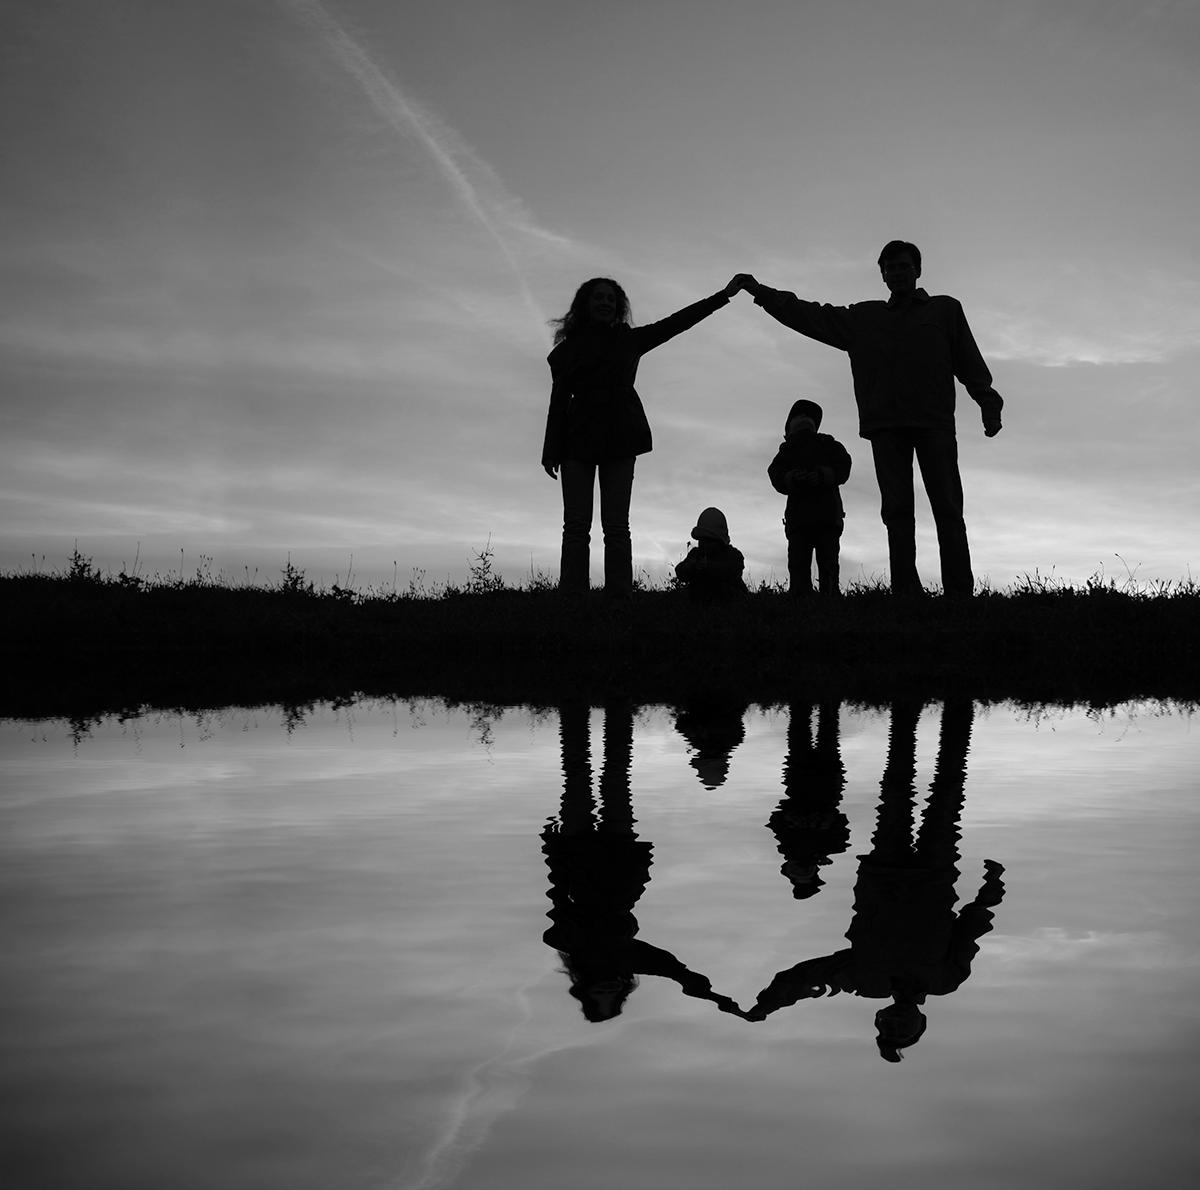 Family near pond